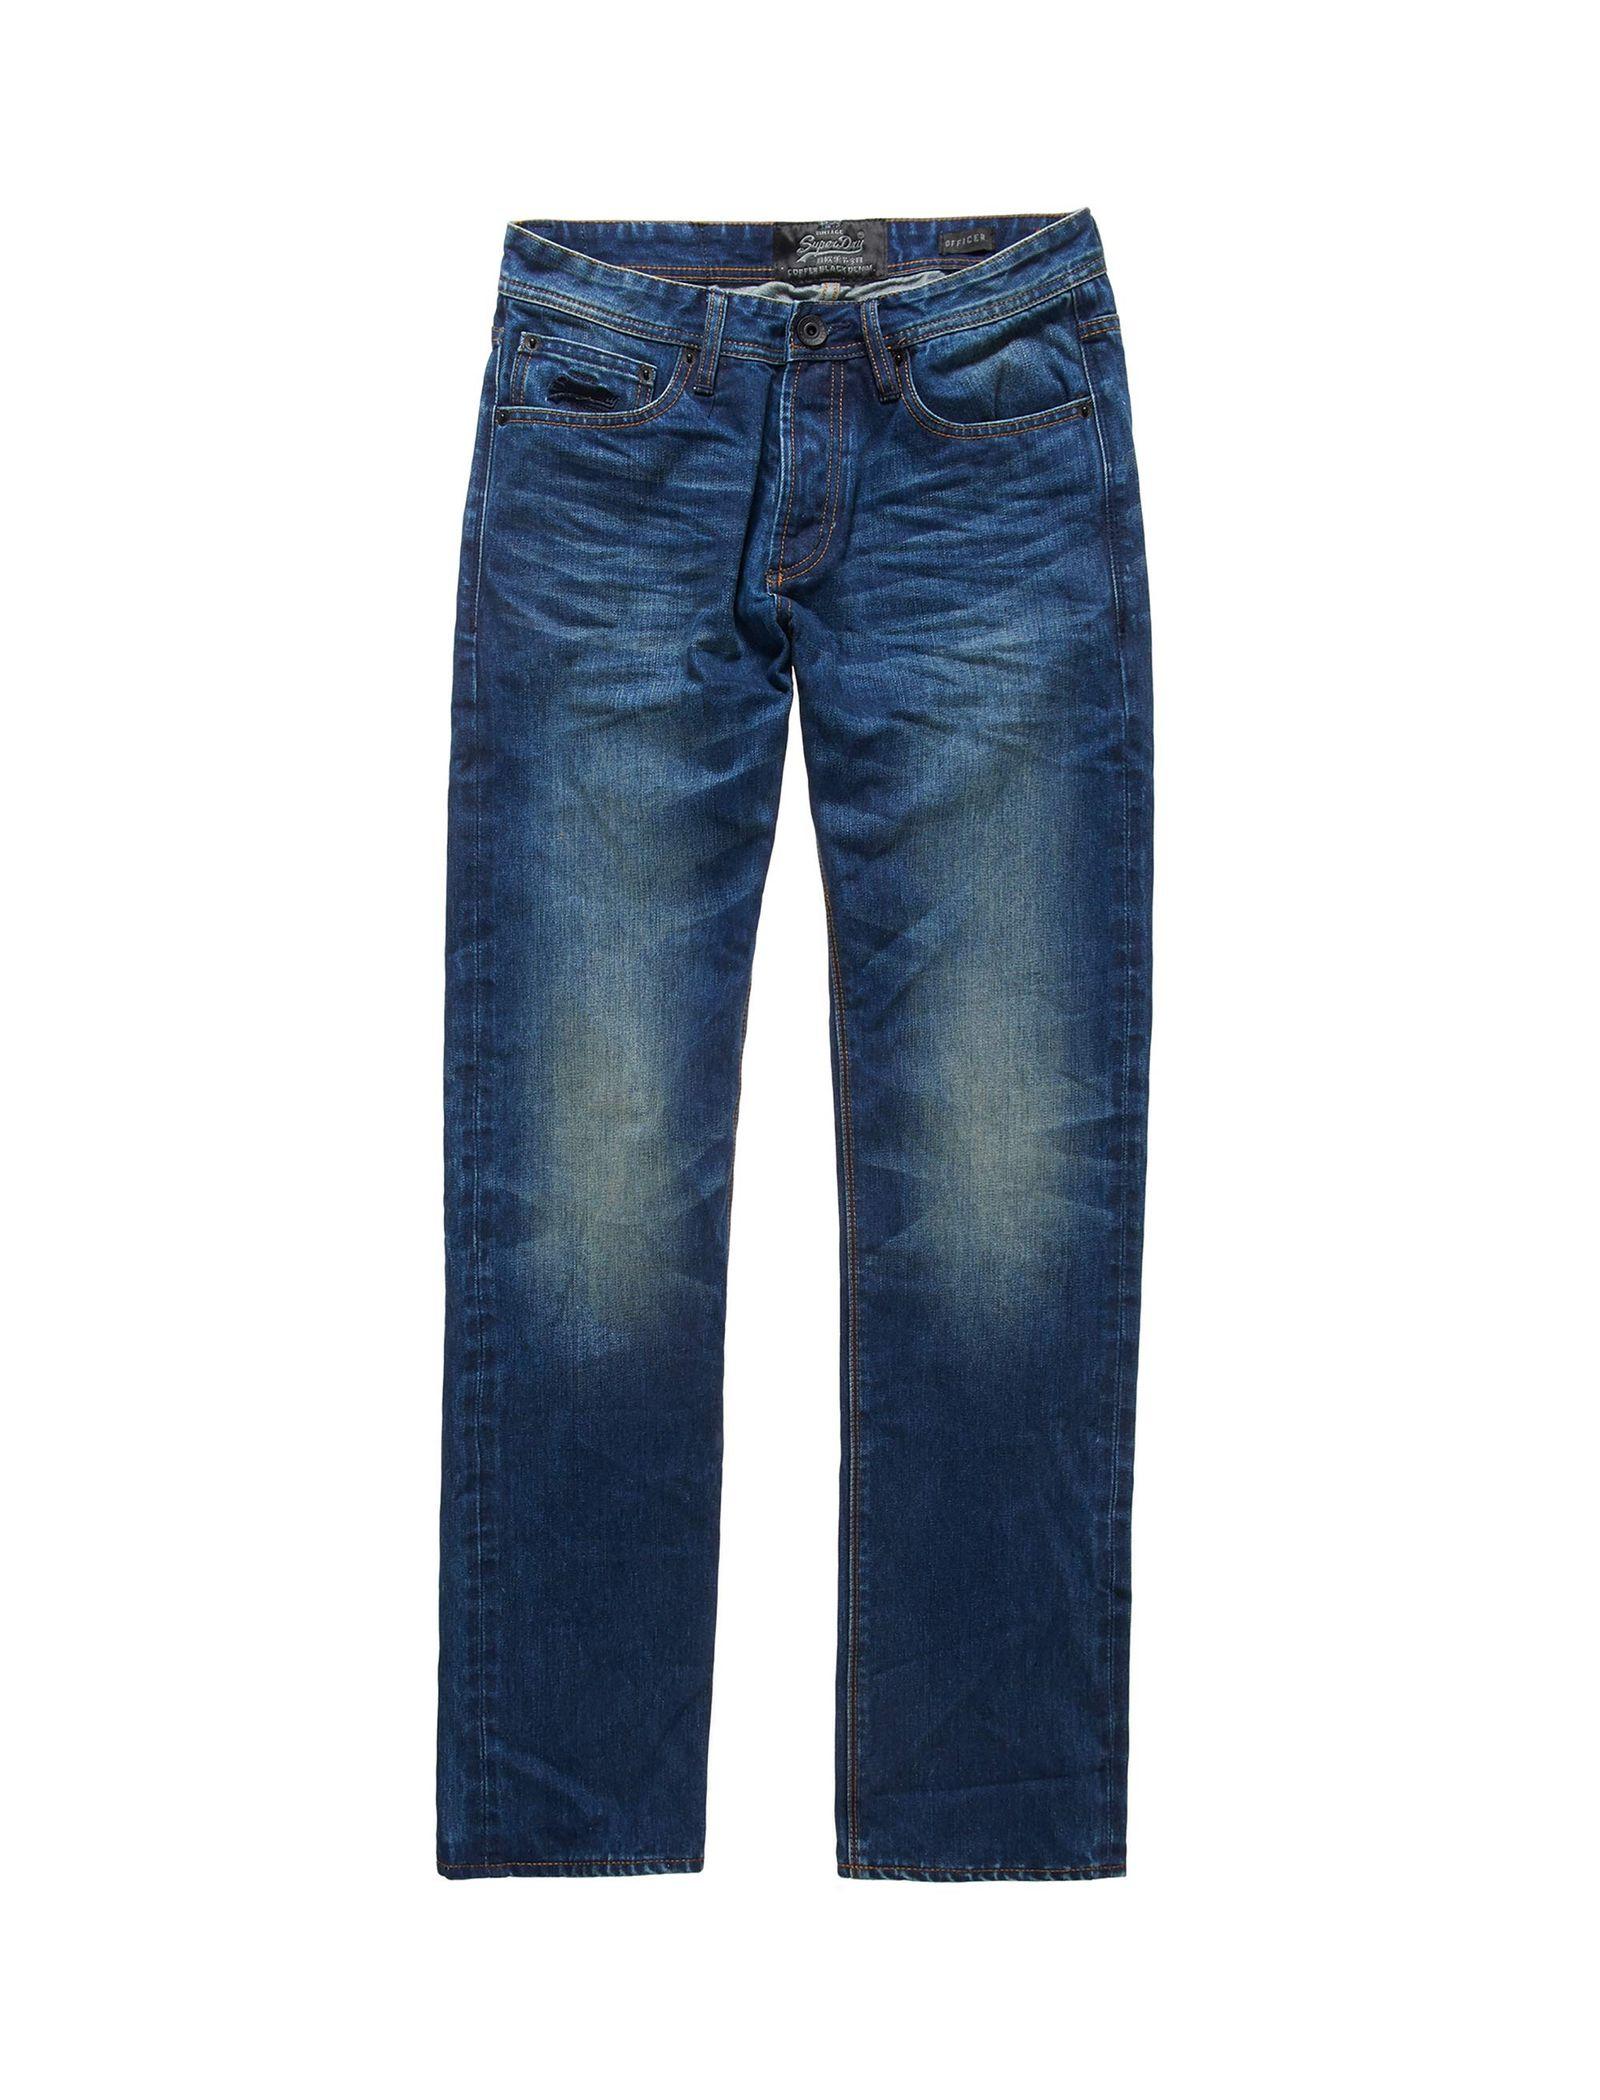 شلوار جین راسته مردانه - سوپردرای - آبي - 4